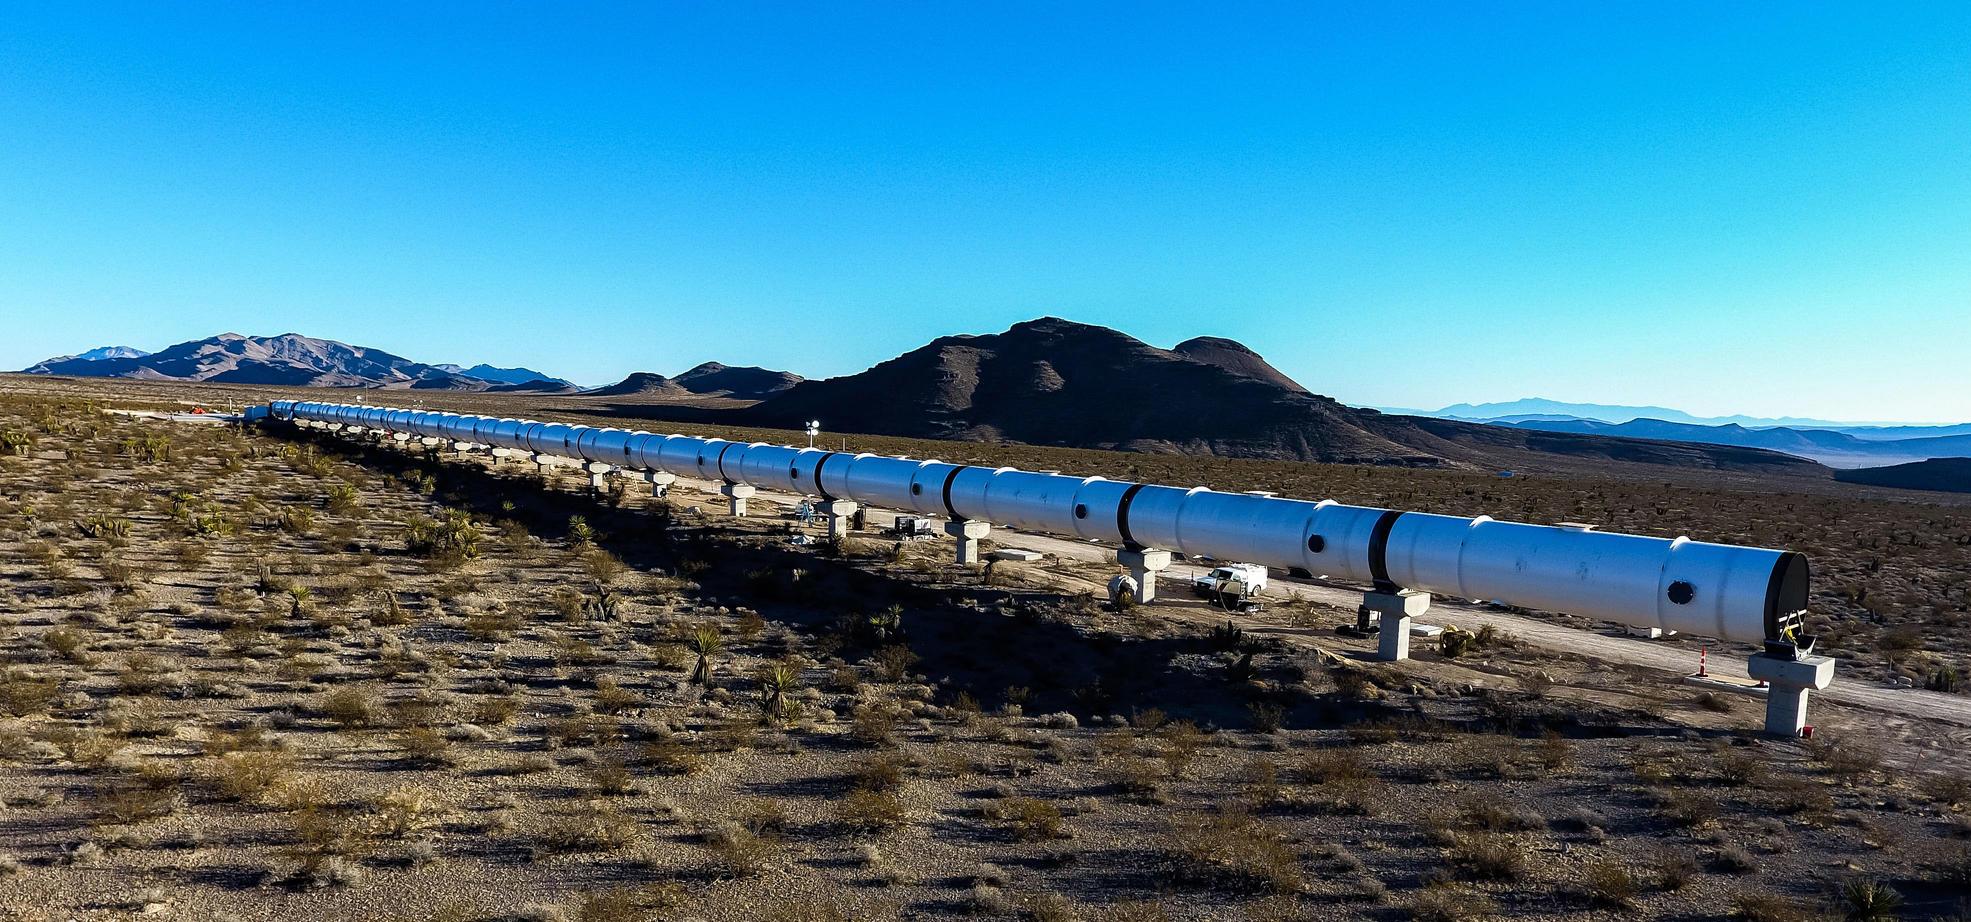 Испытательный полигон Hyperloop One в пустыне под Лас-Вегасом. Фото: hyperloop-one.com